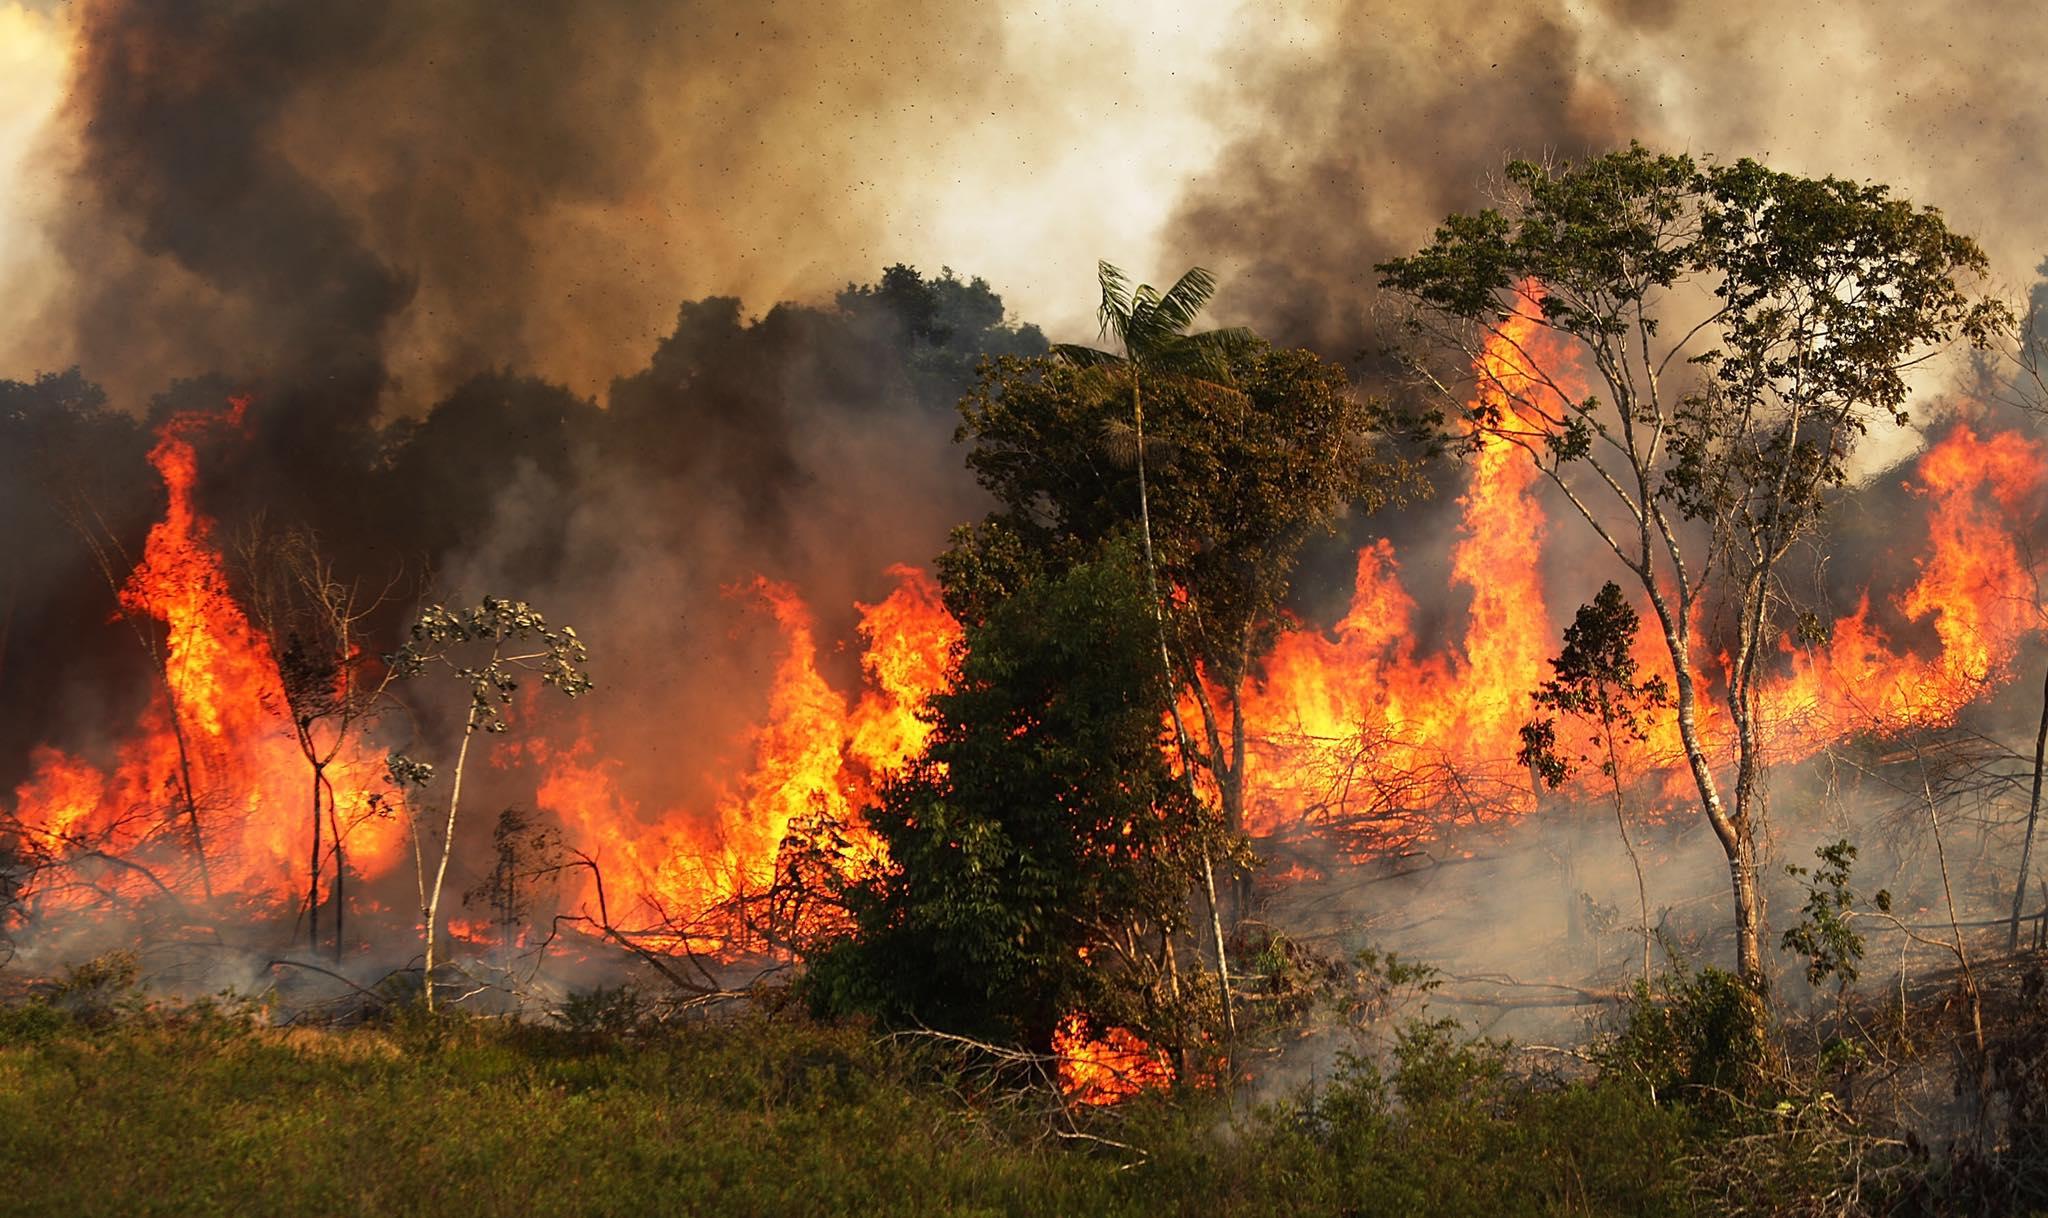 亞馬遜雨林大火三週,燒到外星人都看得到⋯心痛之於,我們到底能幫忙做些什麼?